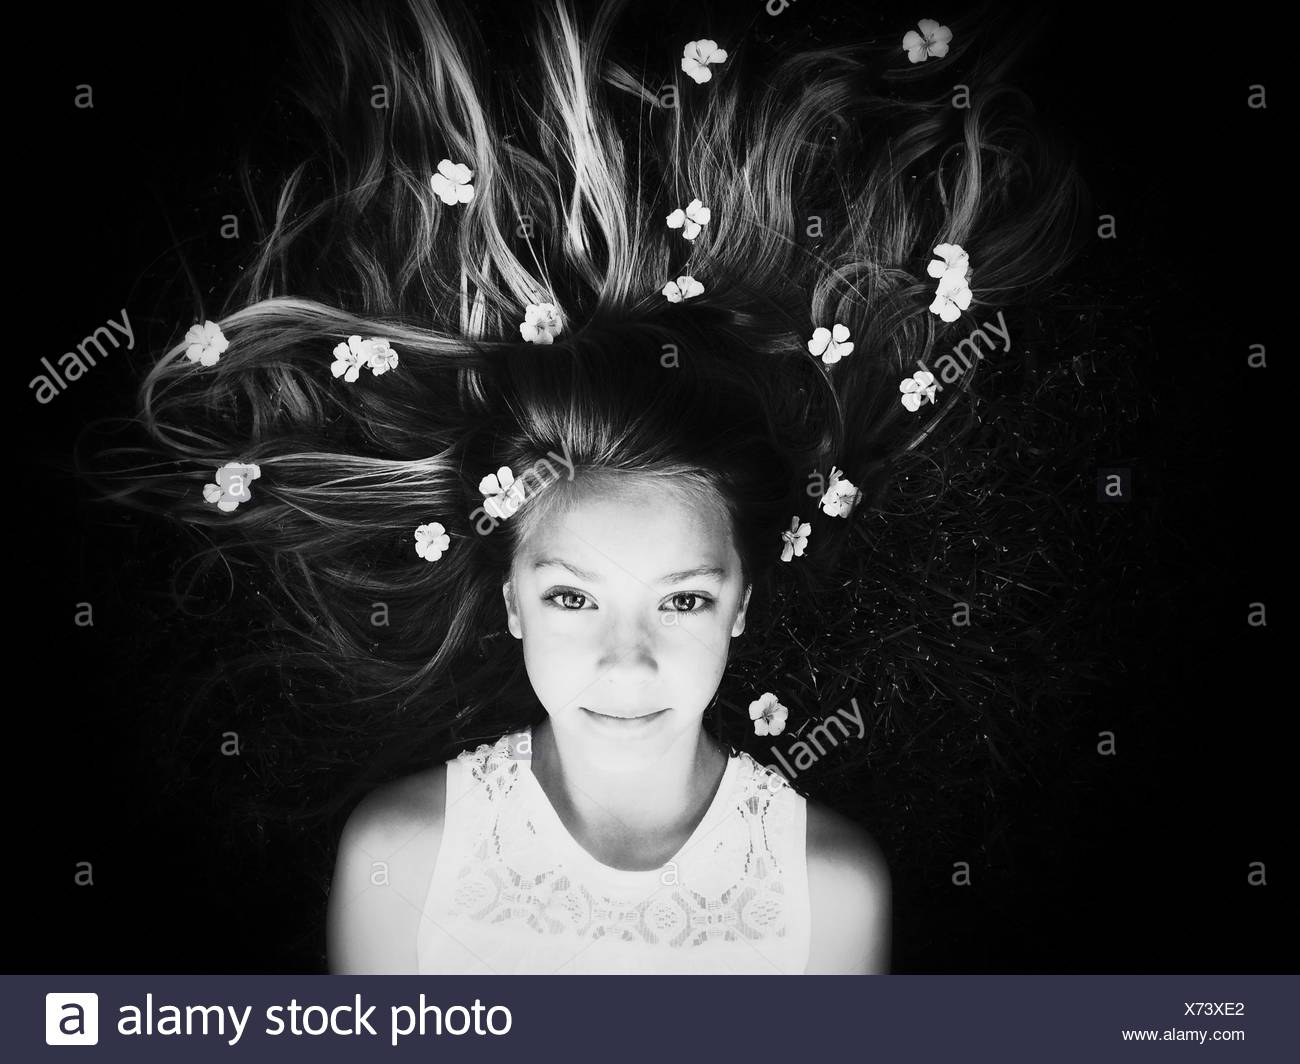 Portrait de jeune fille couchée avec des fleurs dans les cheveux Photo Stock